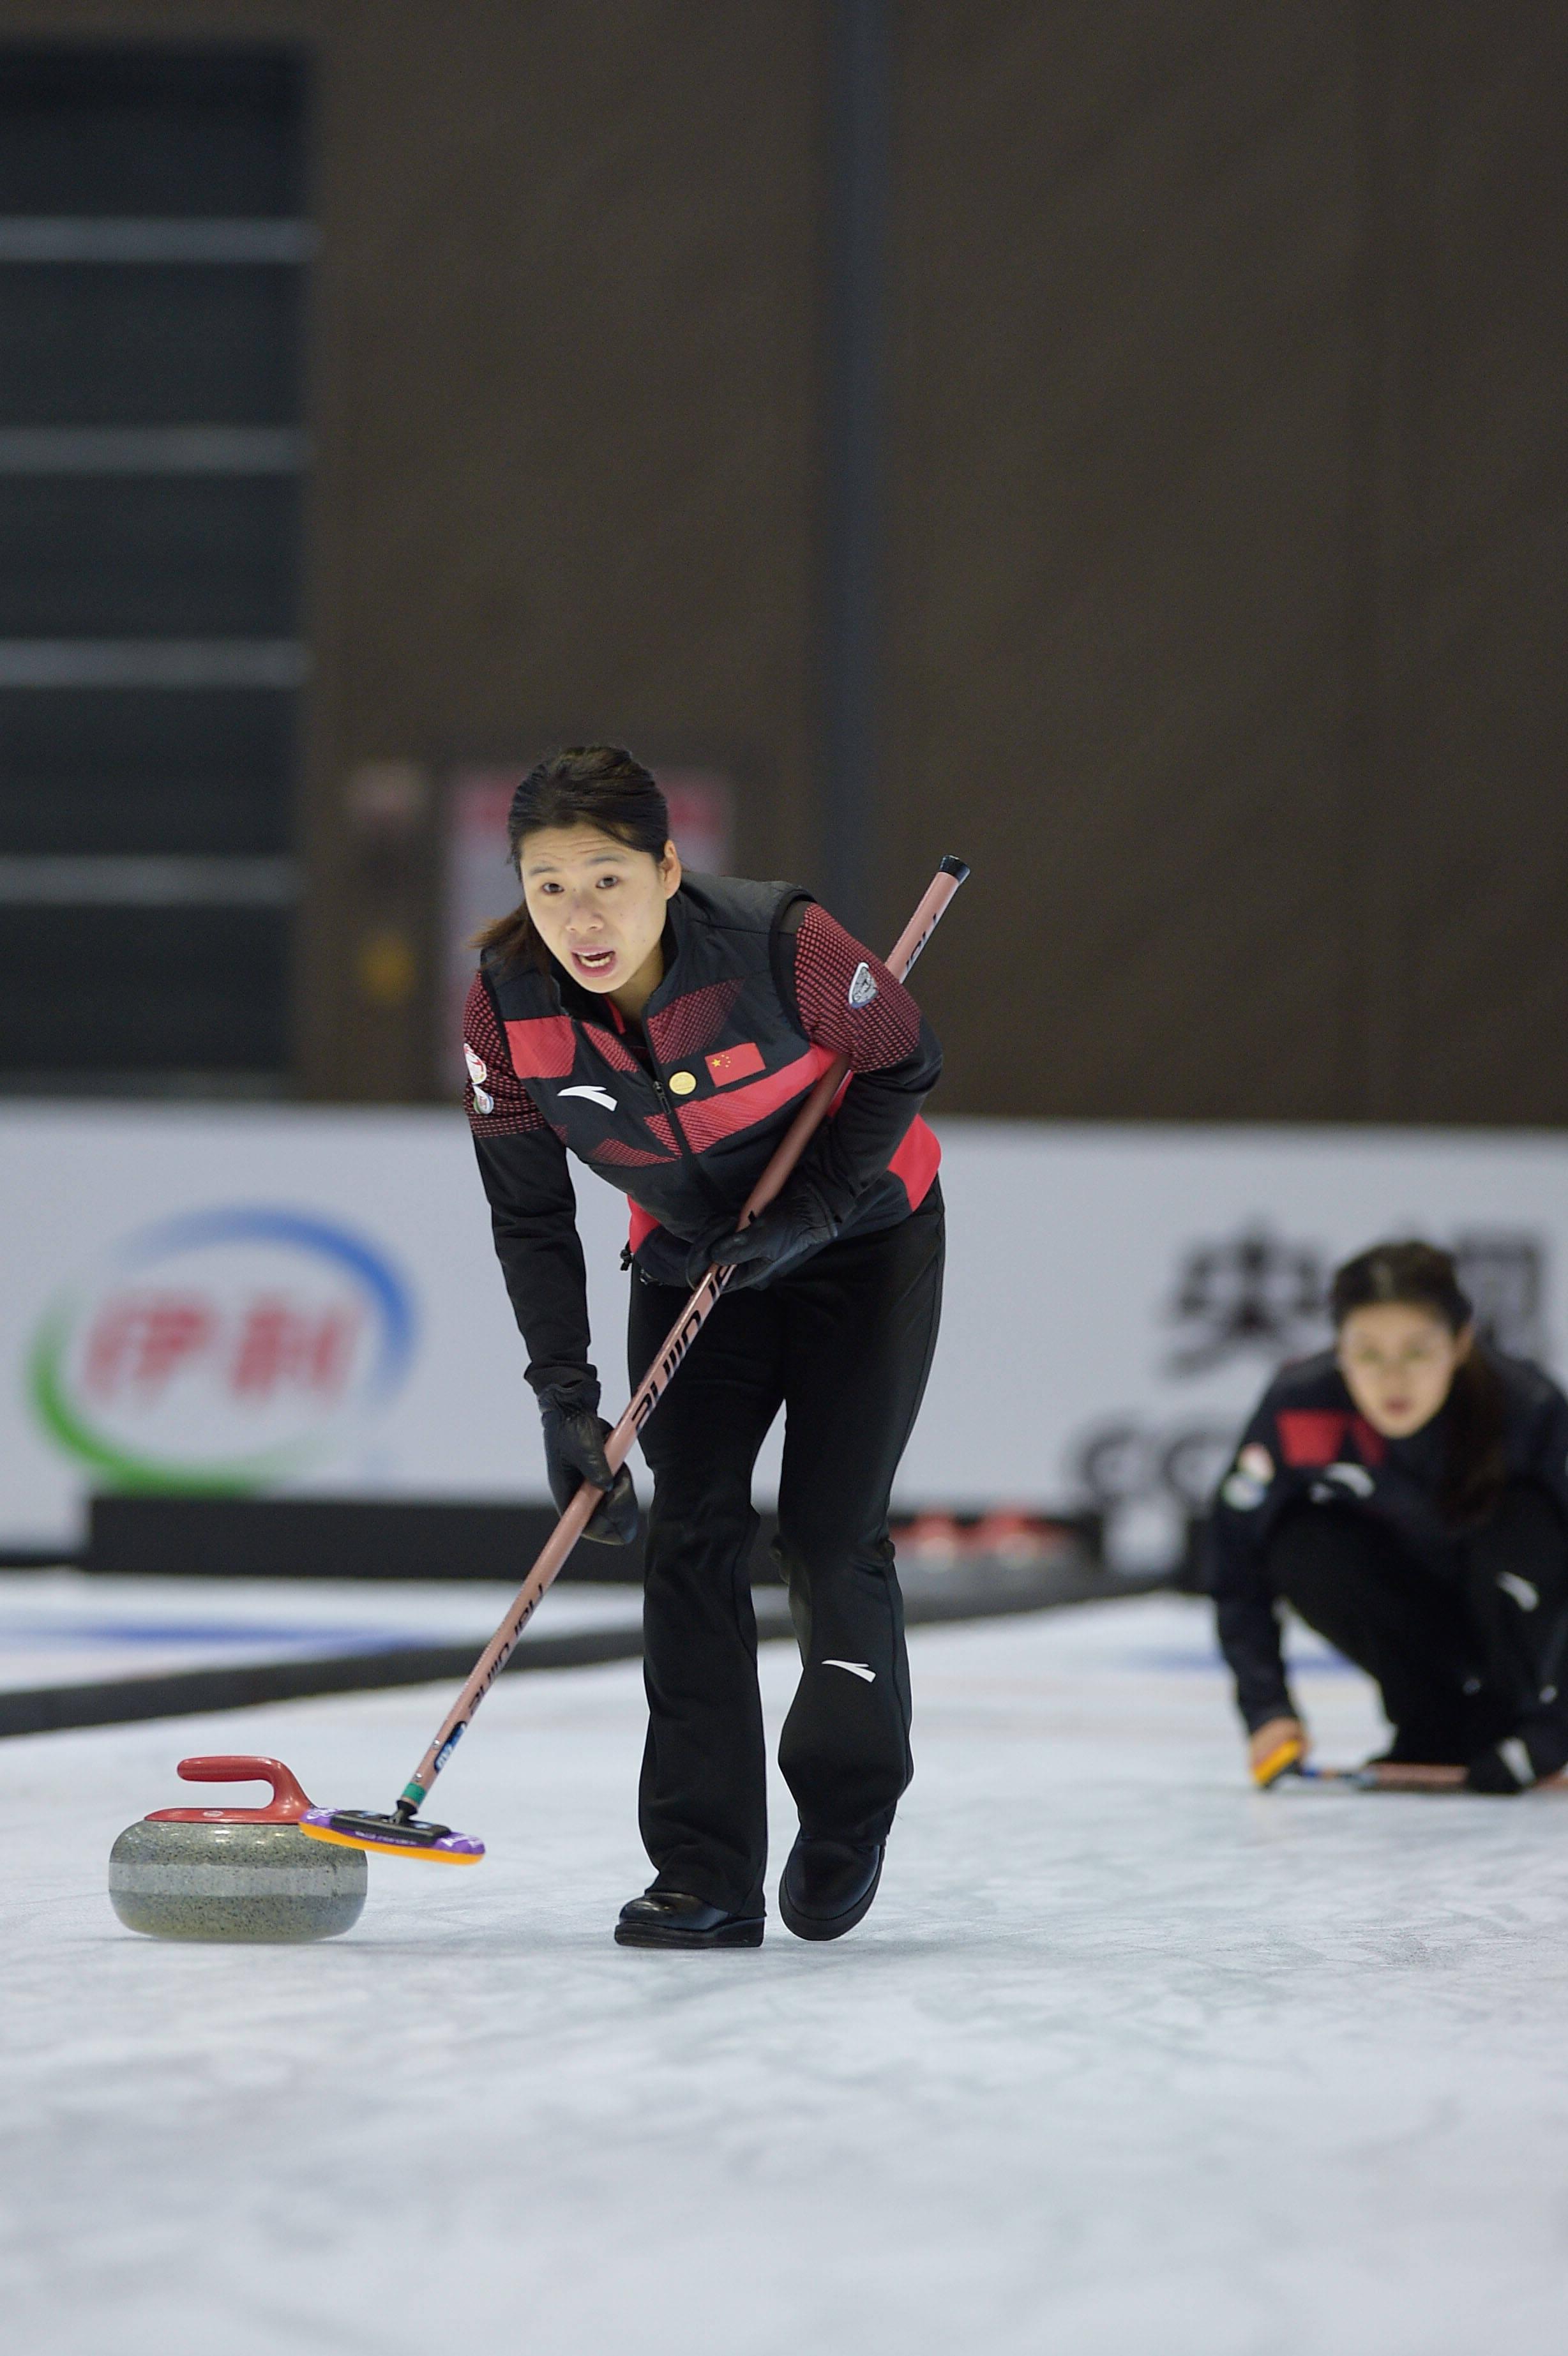 國慶冰雪樂冰壺國家集訓隊隊內對抗賽舉行